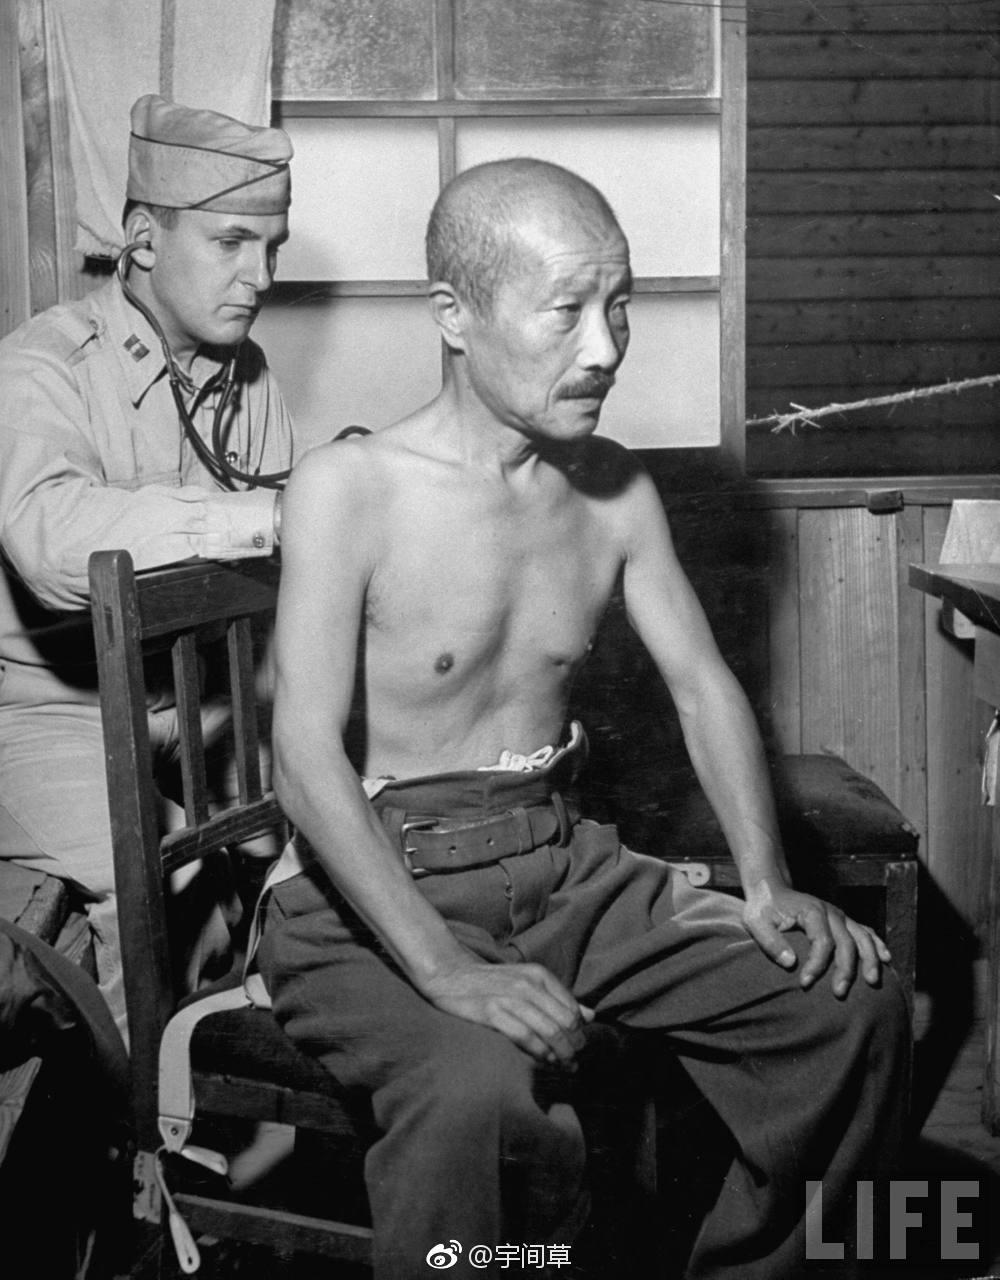 甲级战犯东条英机最后时刻:图5美军给他检查身体,图9被绞死瞬间